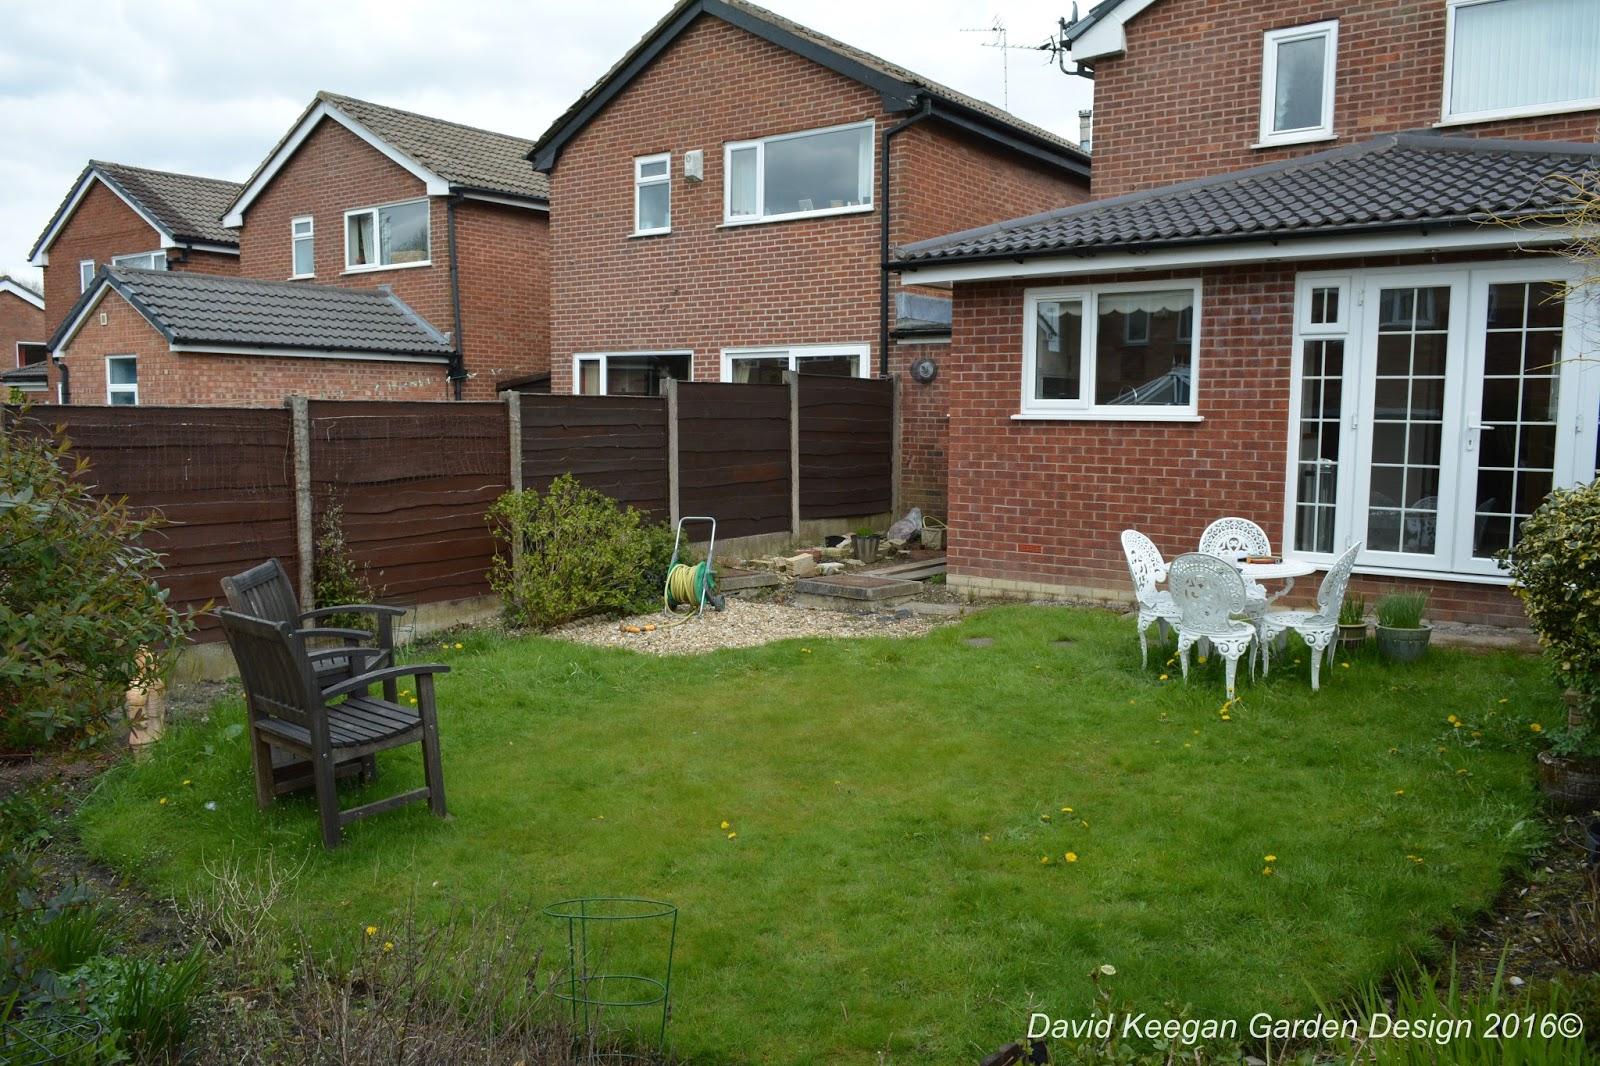 Garden Design Manchester david keegans garden design blog: a small suburban back garden in